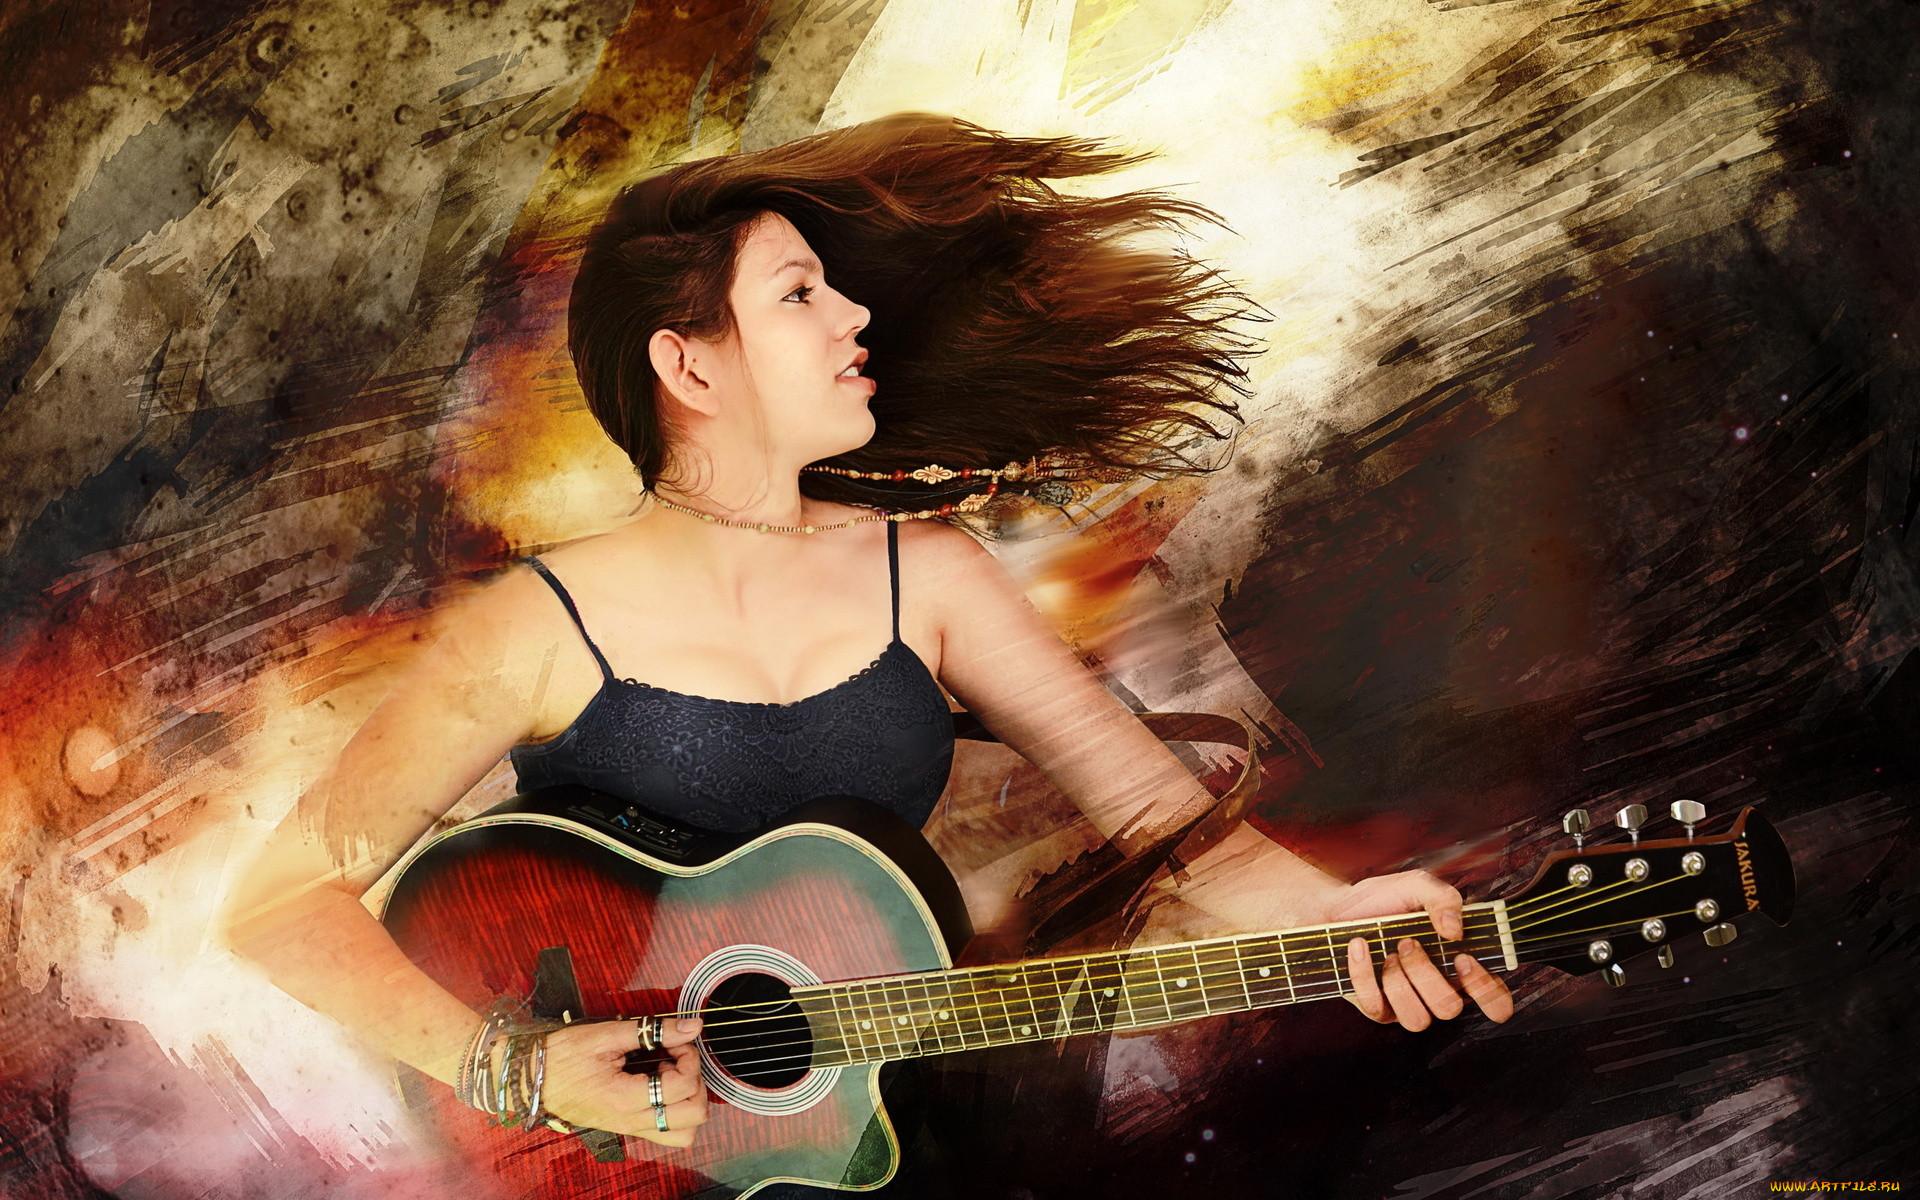 Красивая одна девушка с гитарой фото